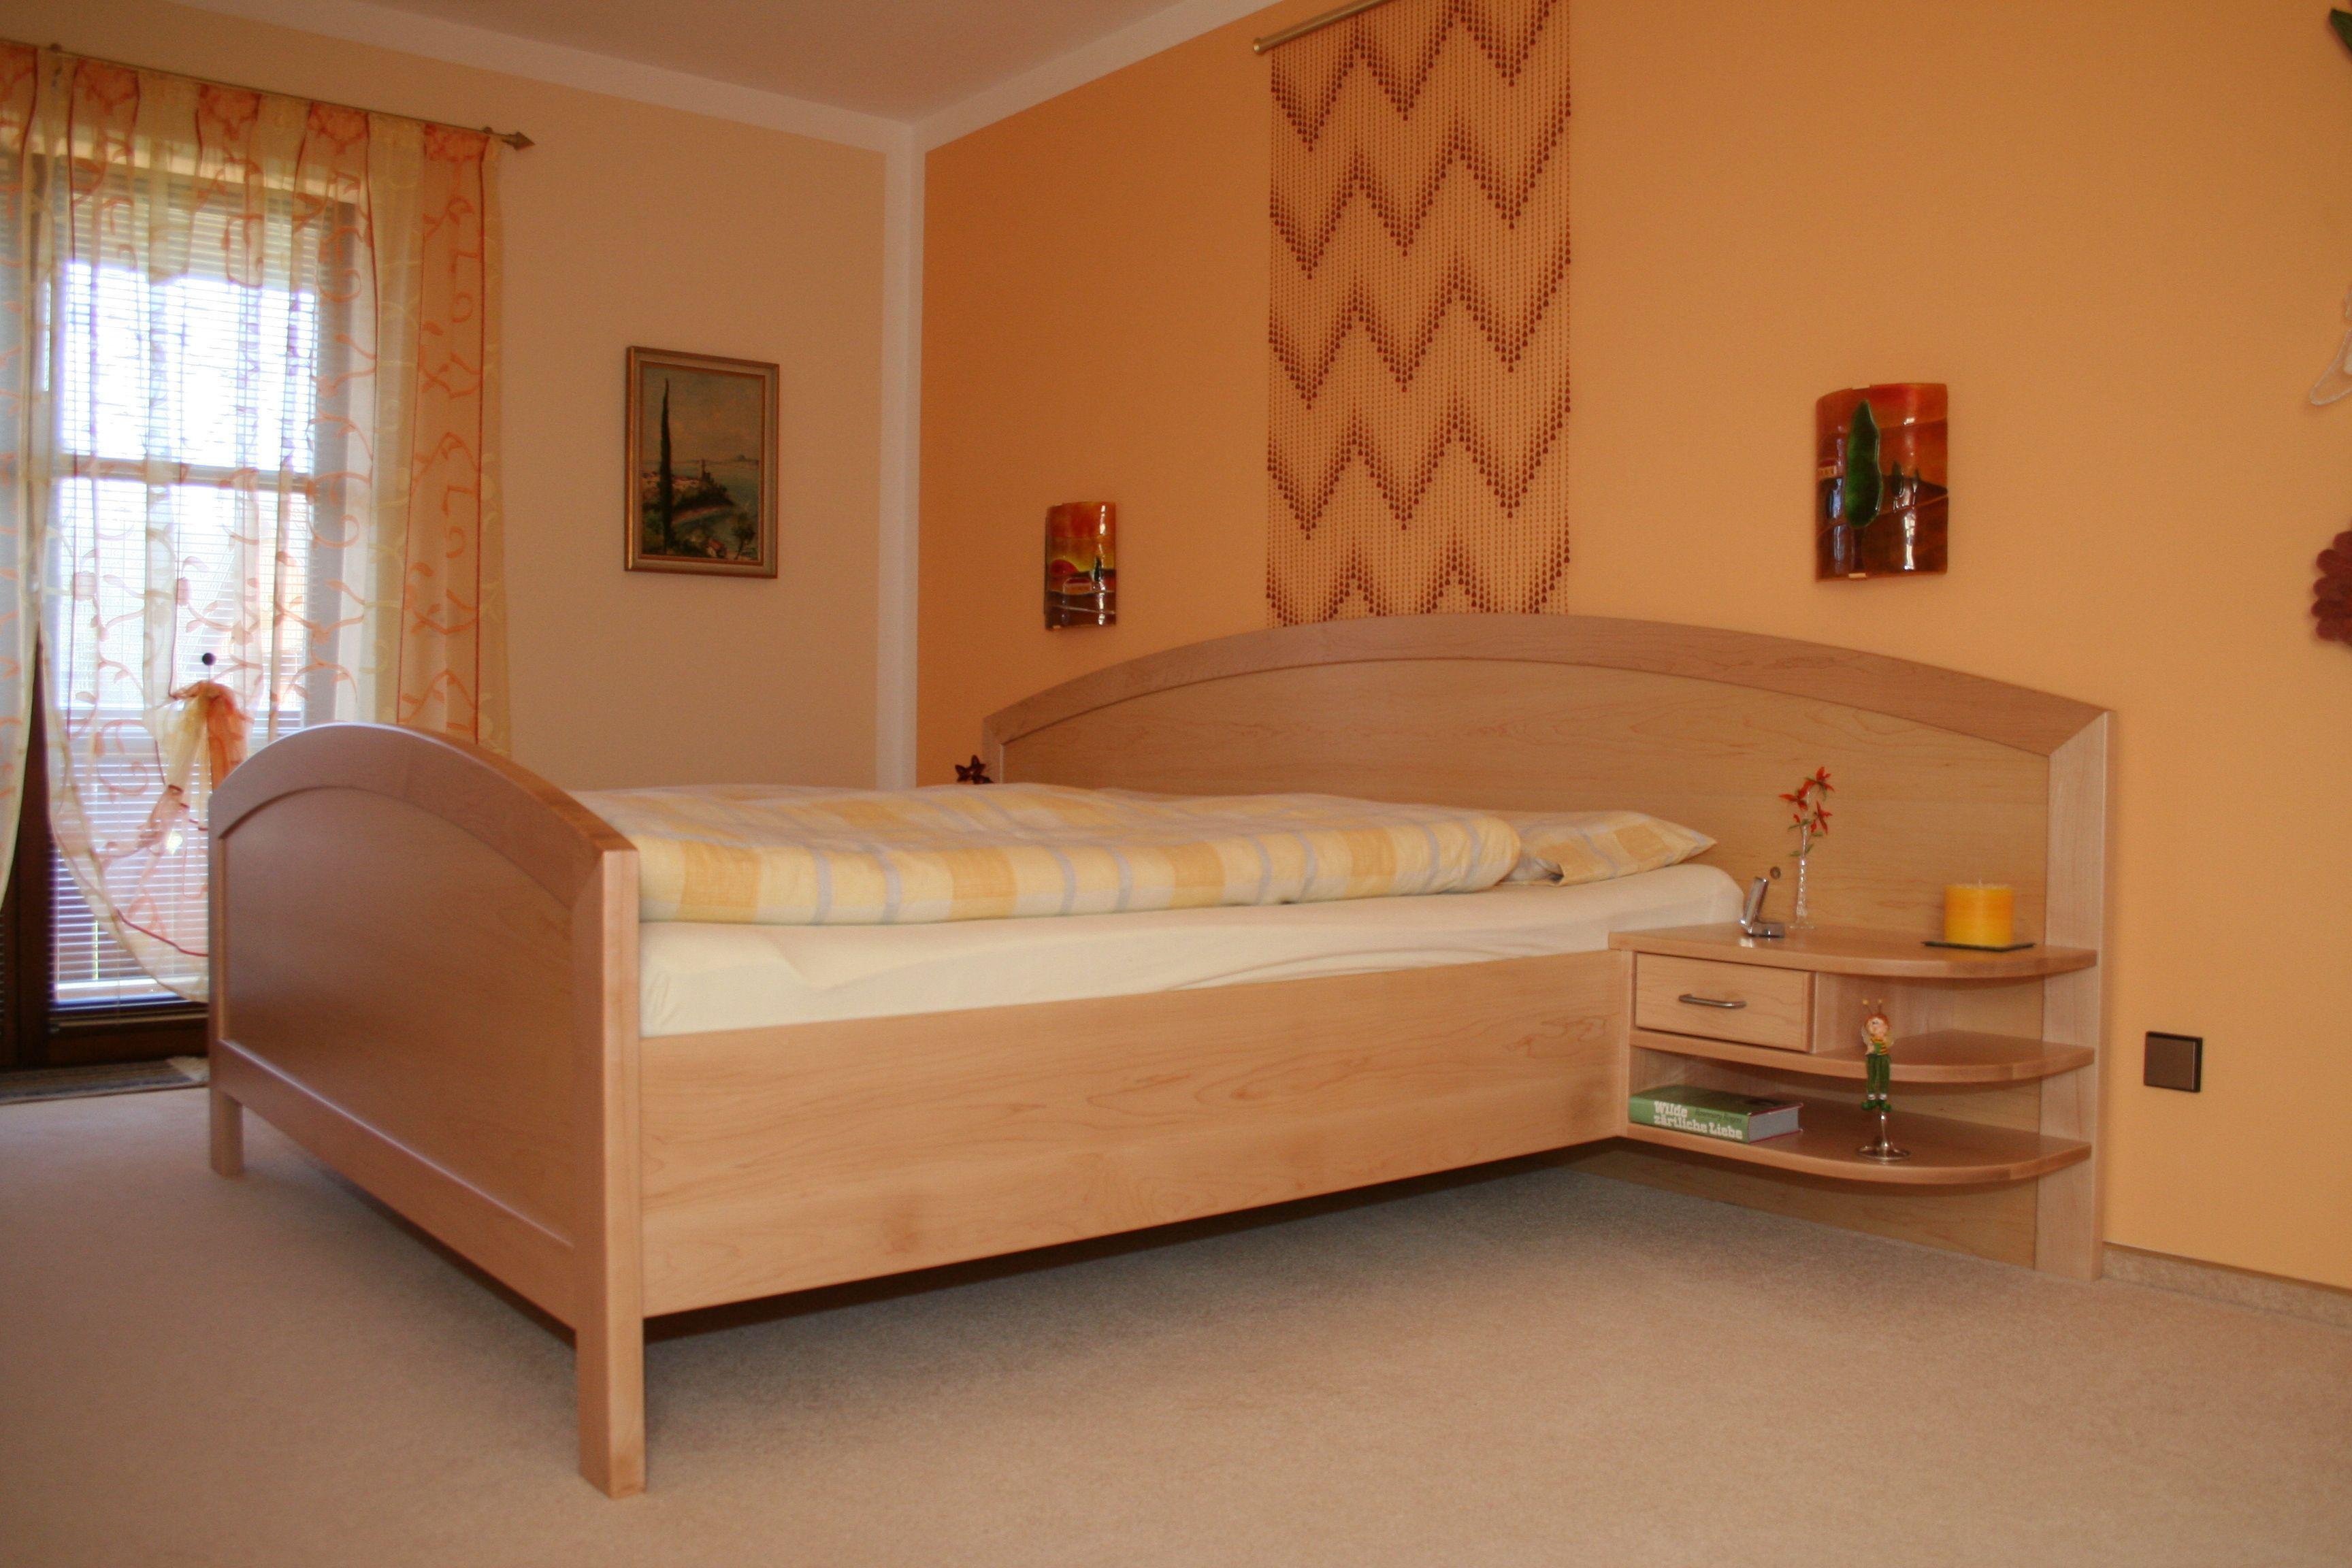 Schlafzimmer Kirschbaum Led Set Komplett Deko Lampe Kinderzimmer